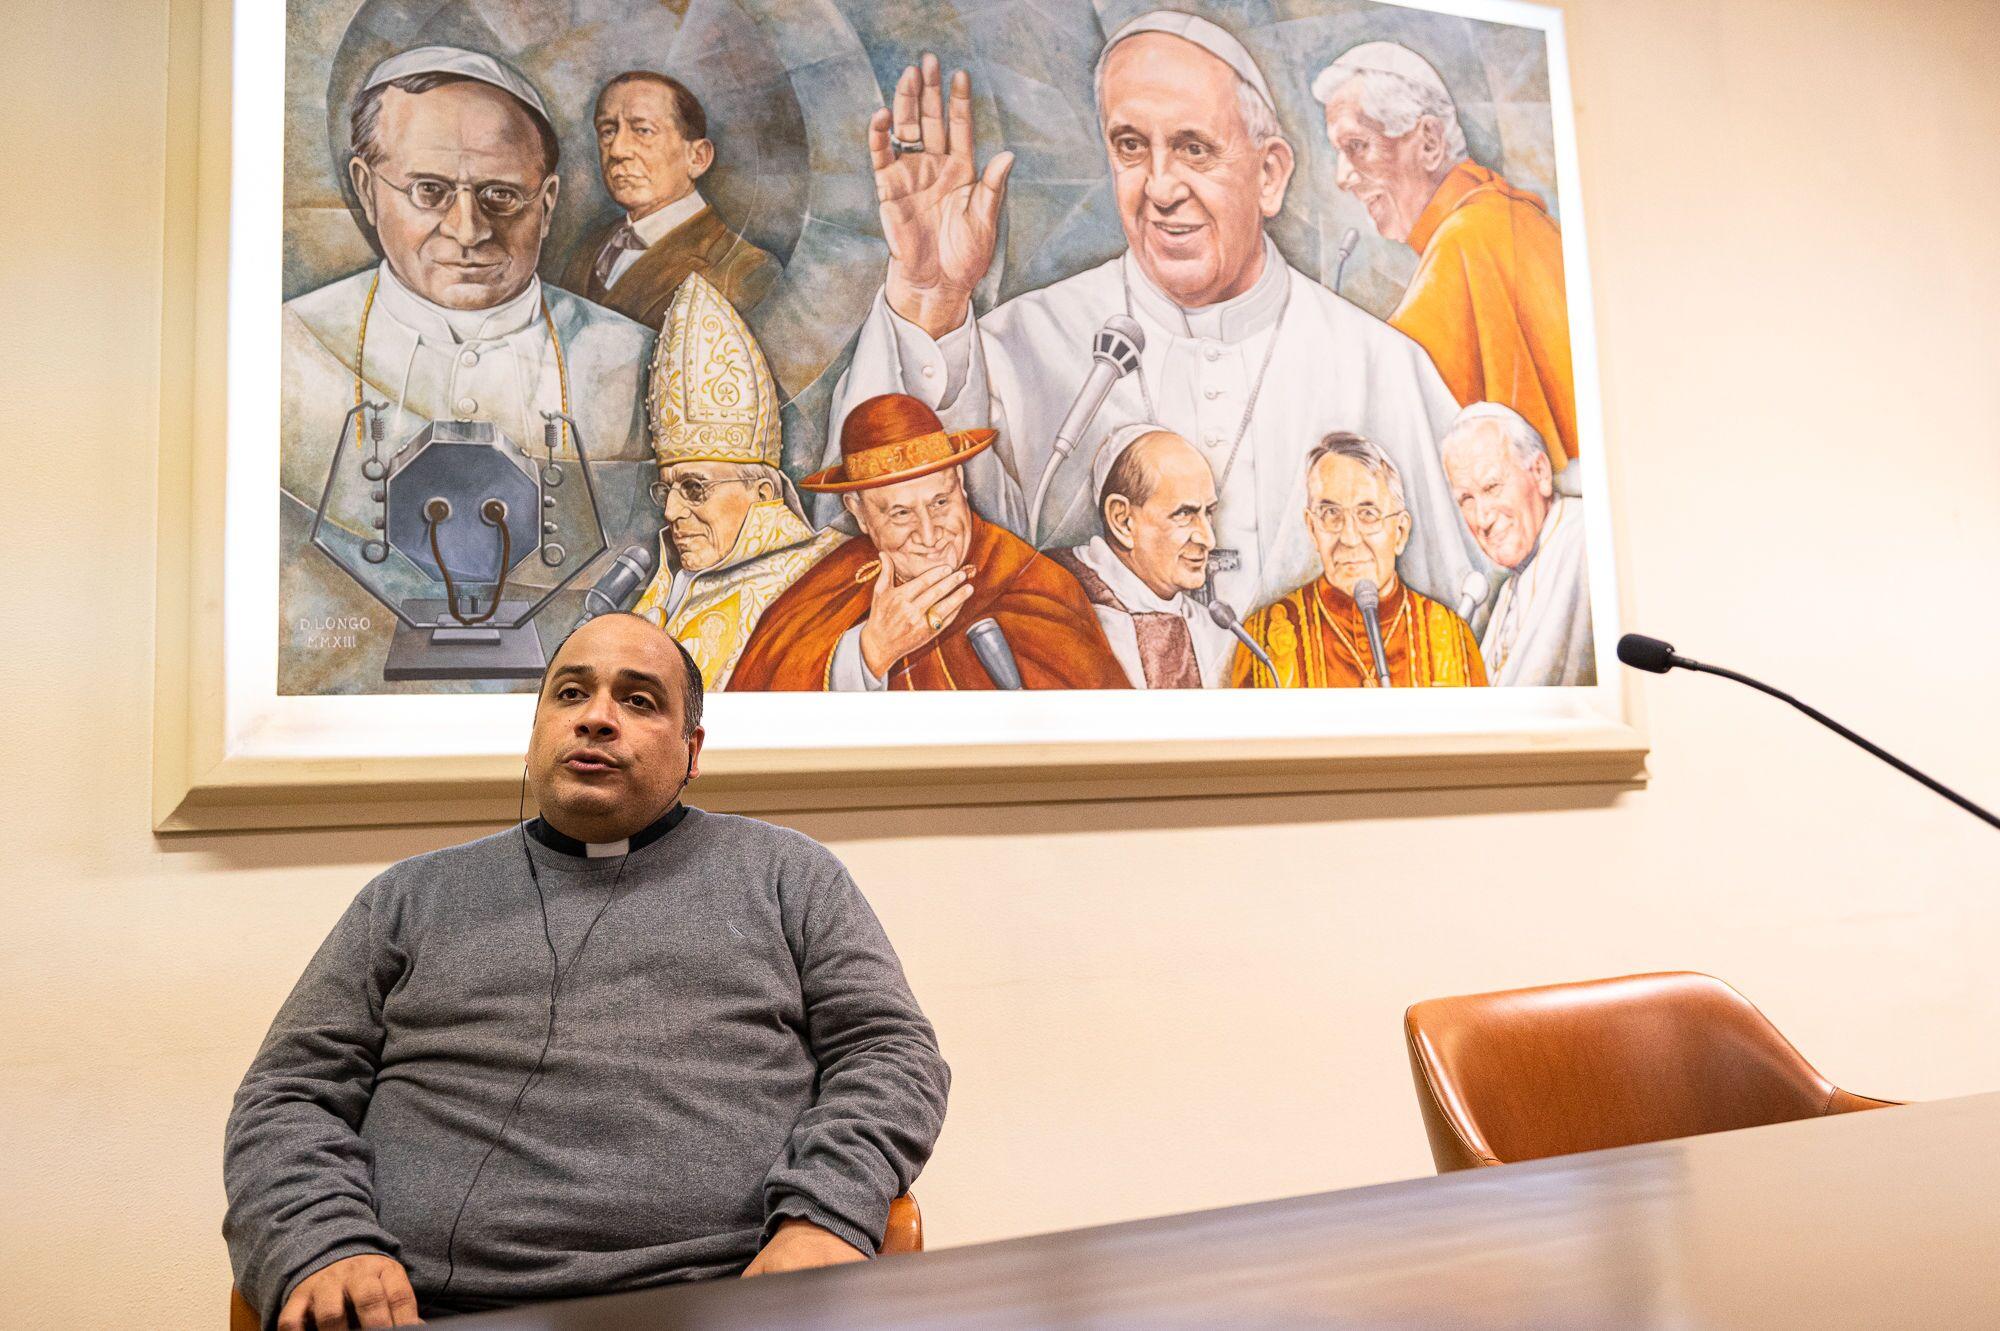 O sacerdote carioca durante entrevista à Sputnik Brasil, no auditório da Rádio Vaticano